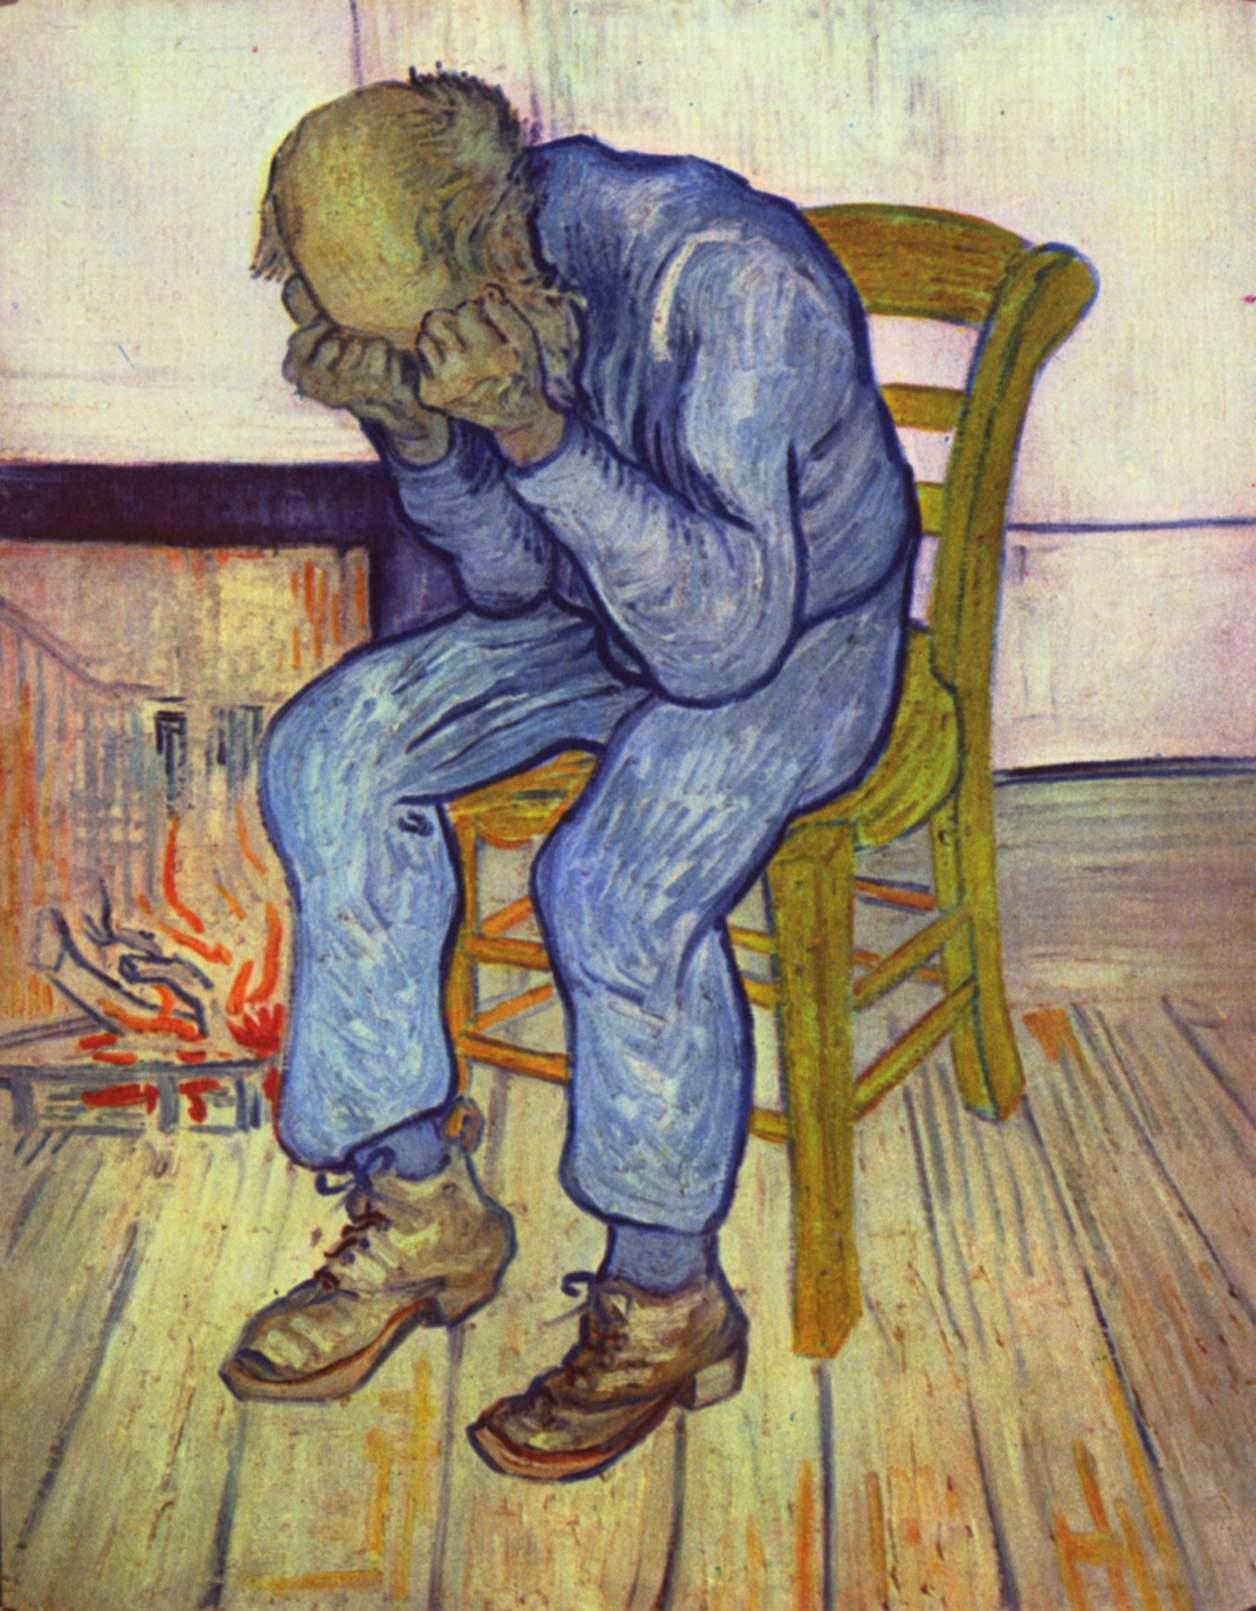 Pintura de Vincent van Gogh Anciano afligido de 1890. Fuente Wikipedia